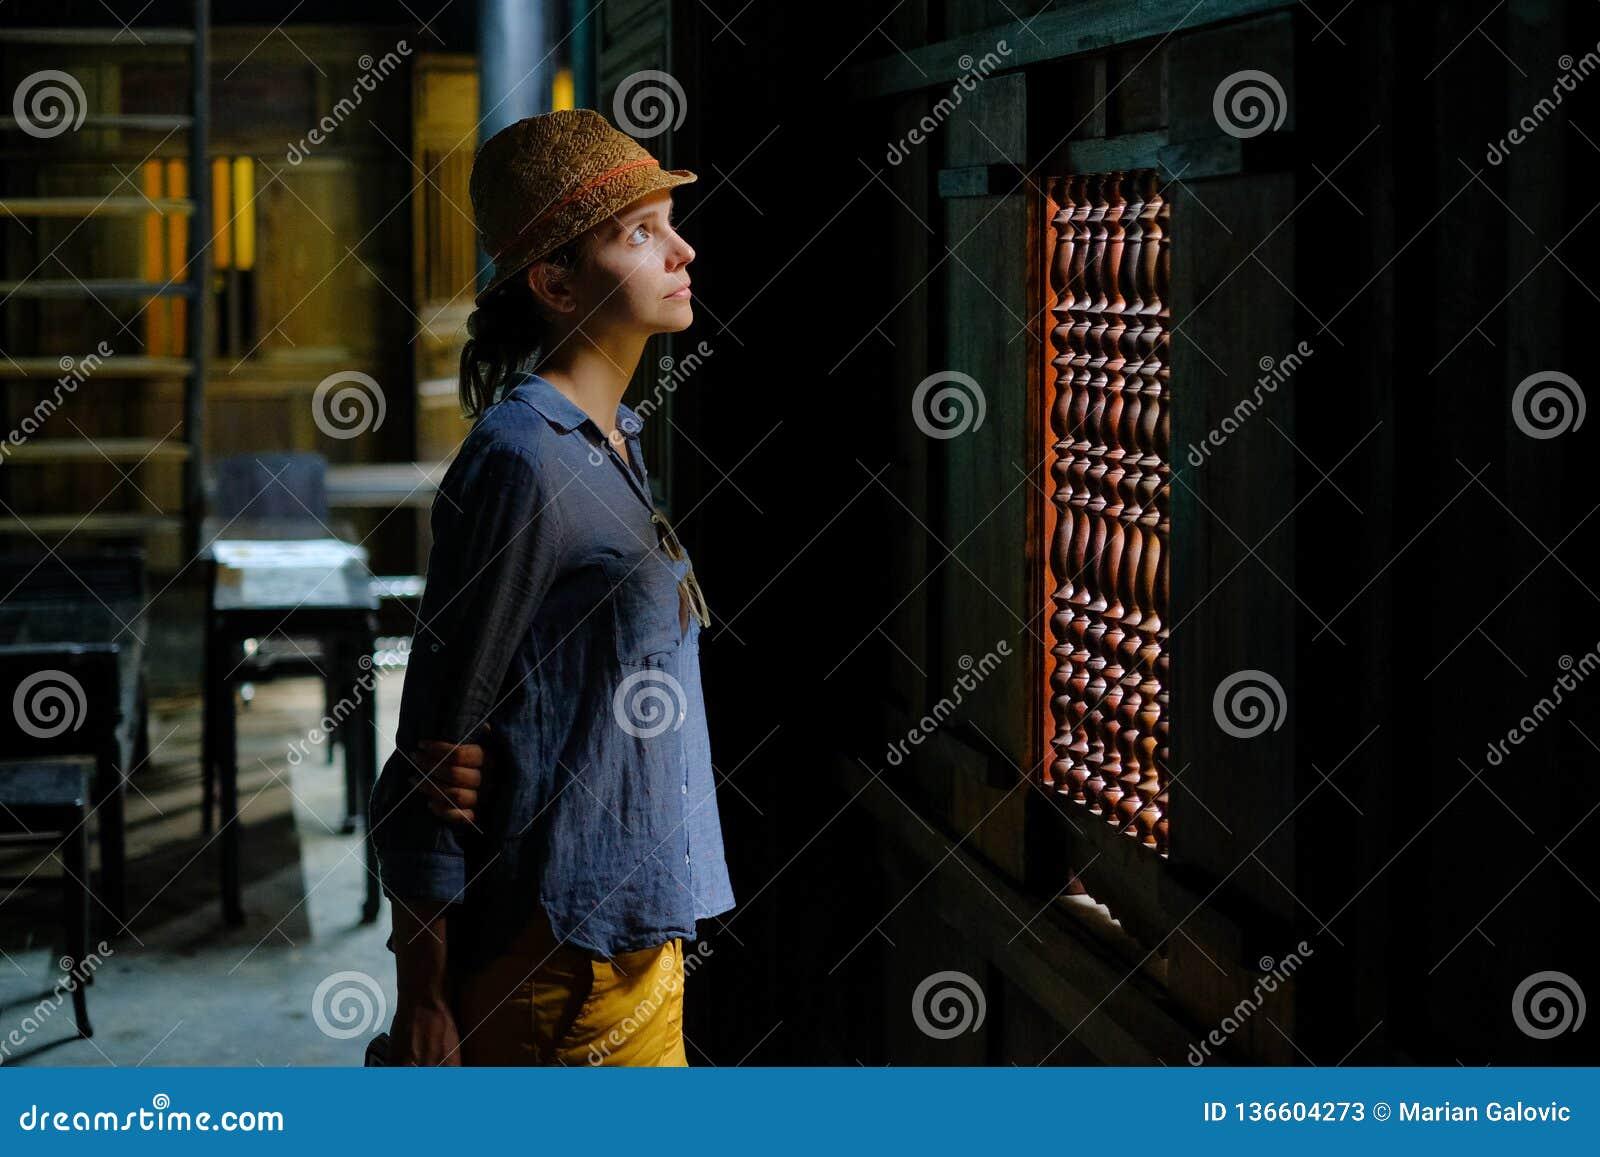 会安市/越南,11/11/2017:在一个传统房子Tan Ky的黑暗的木内部的女性旅游身分在会安市,